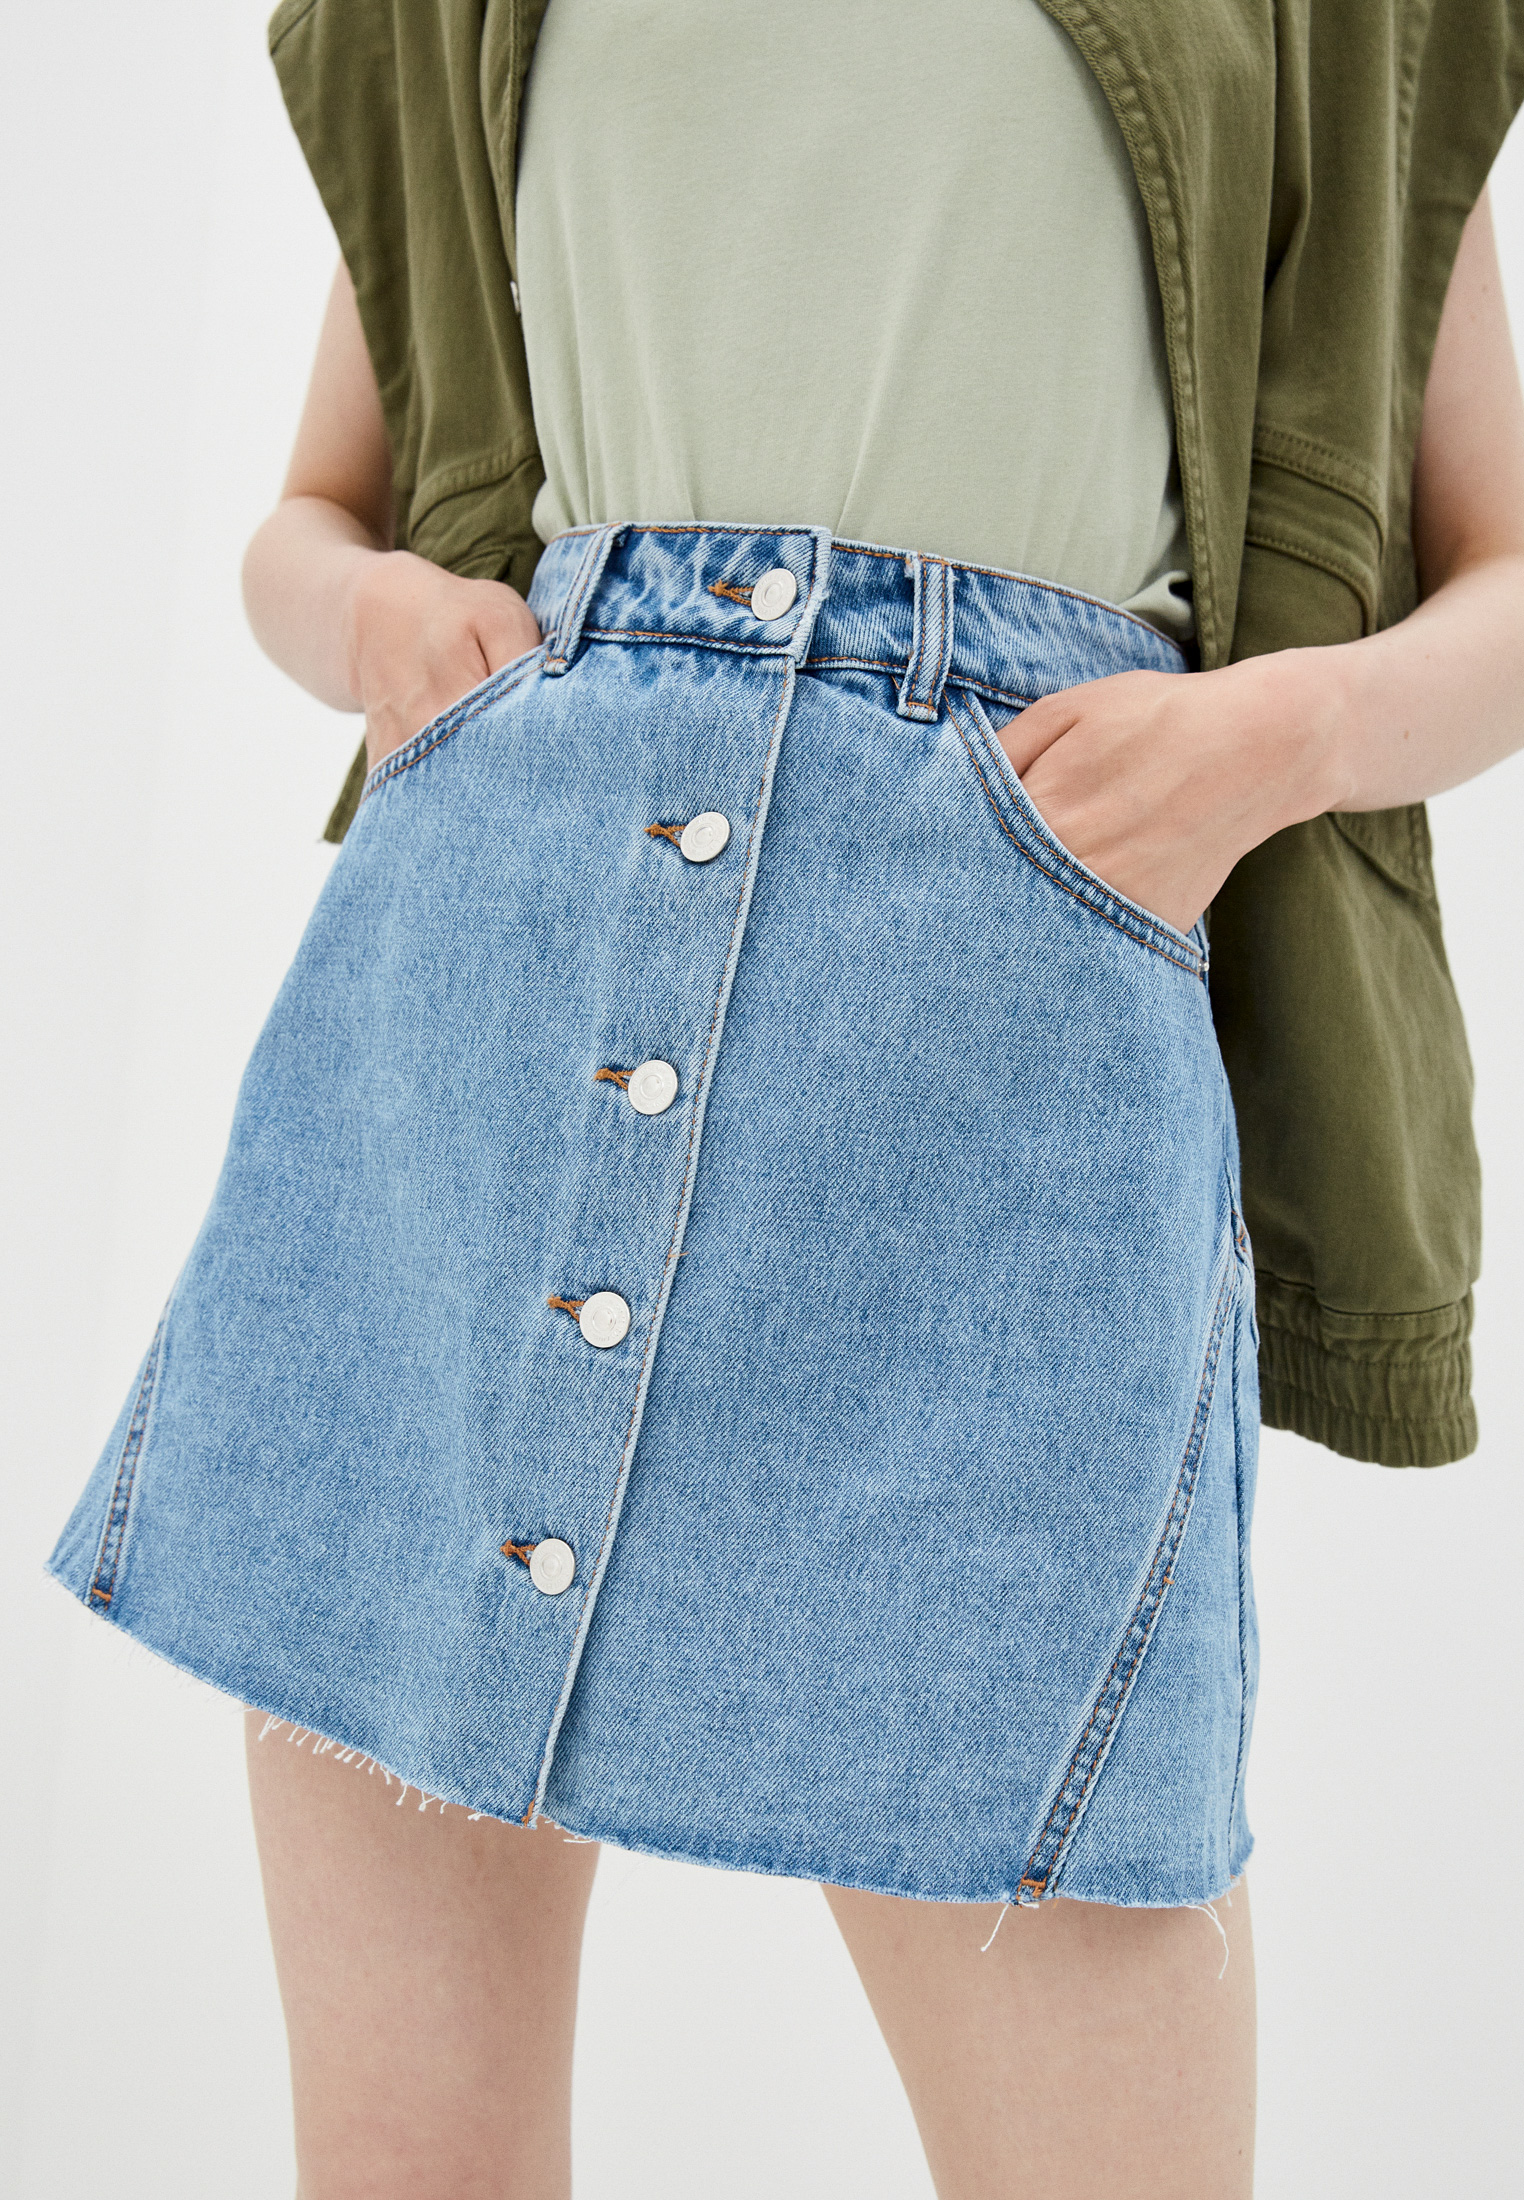 Джинсовая юбка Pimkie 690780